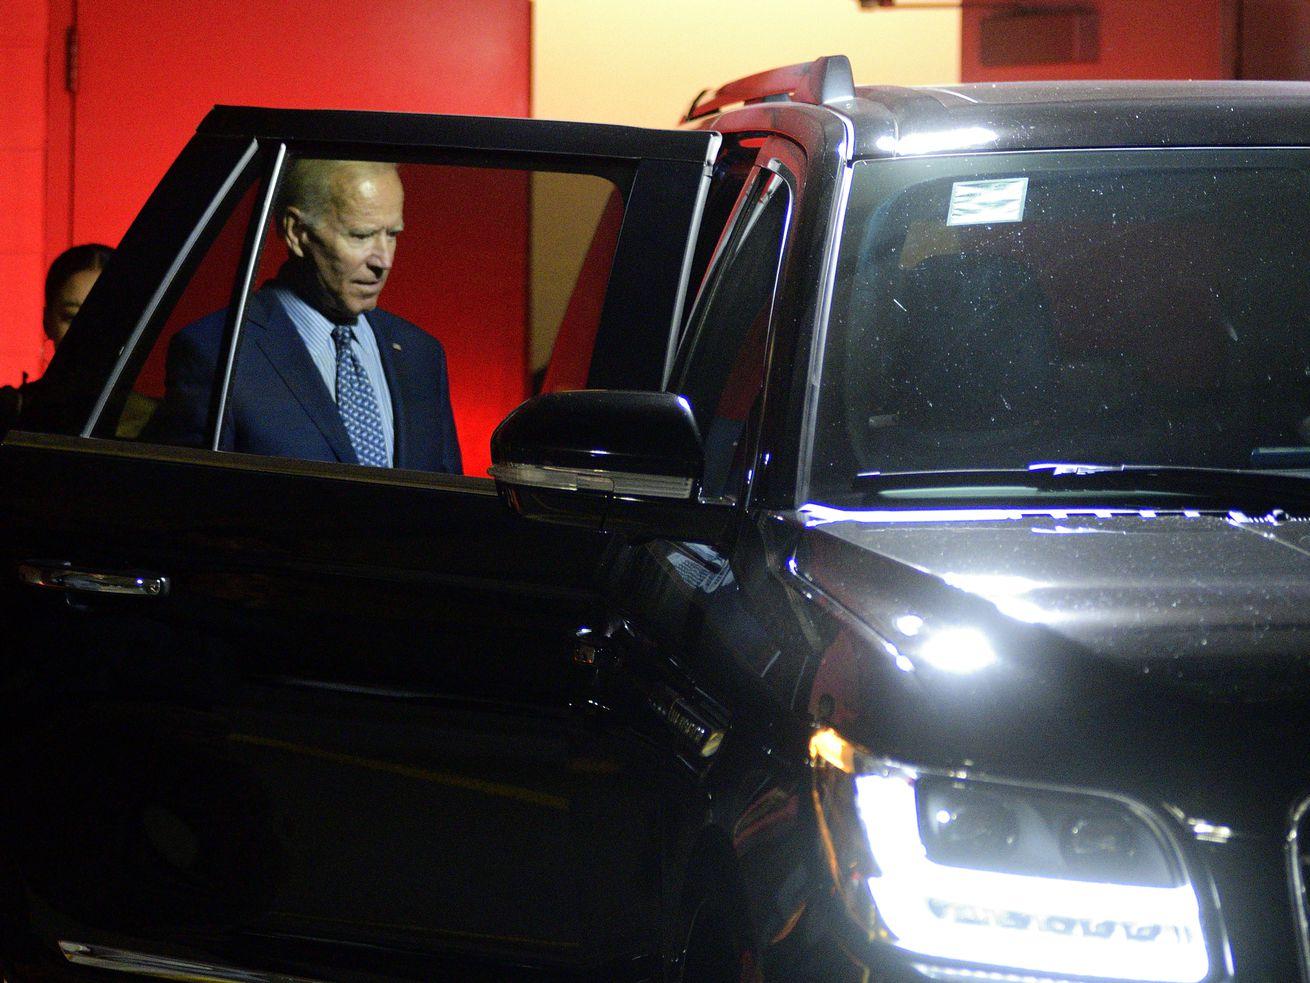 Joe Biden attends Fundraiser in Philadelphia